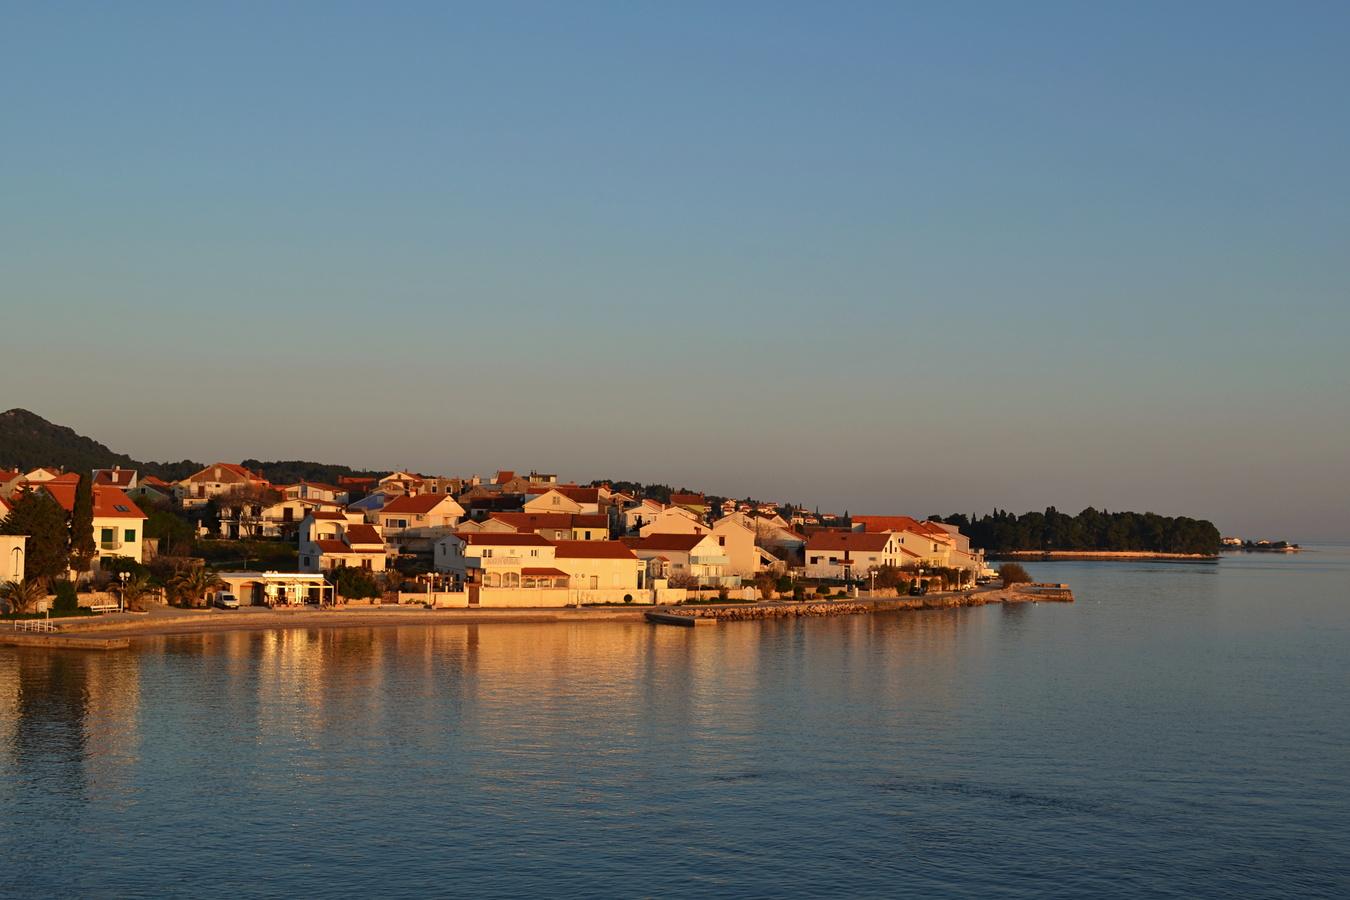 ráno  v prístave..(ostrov pašman)